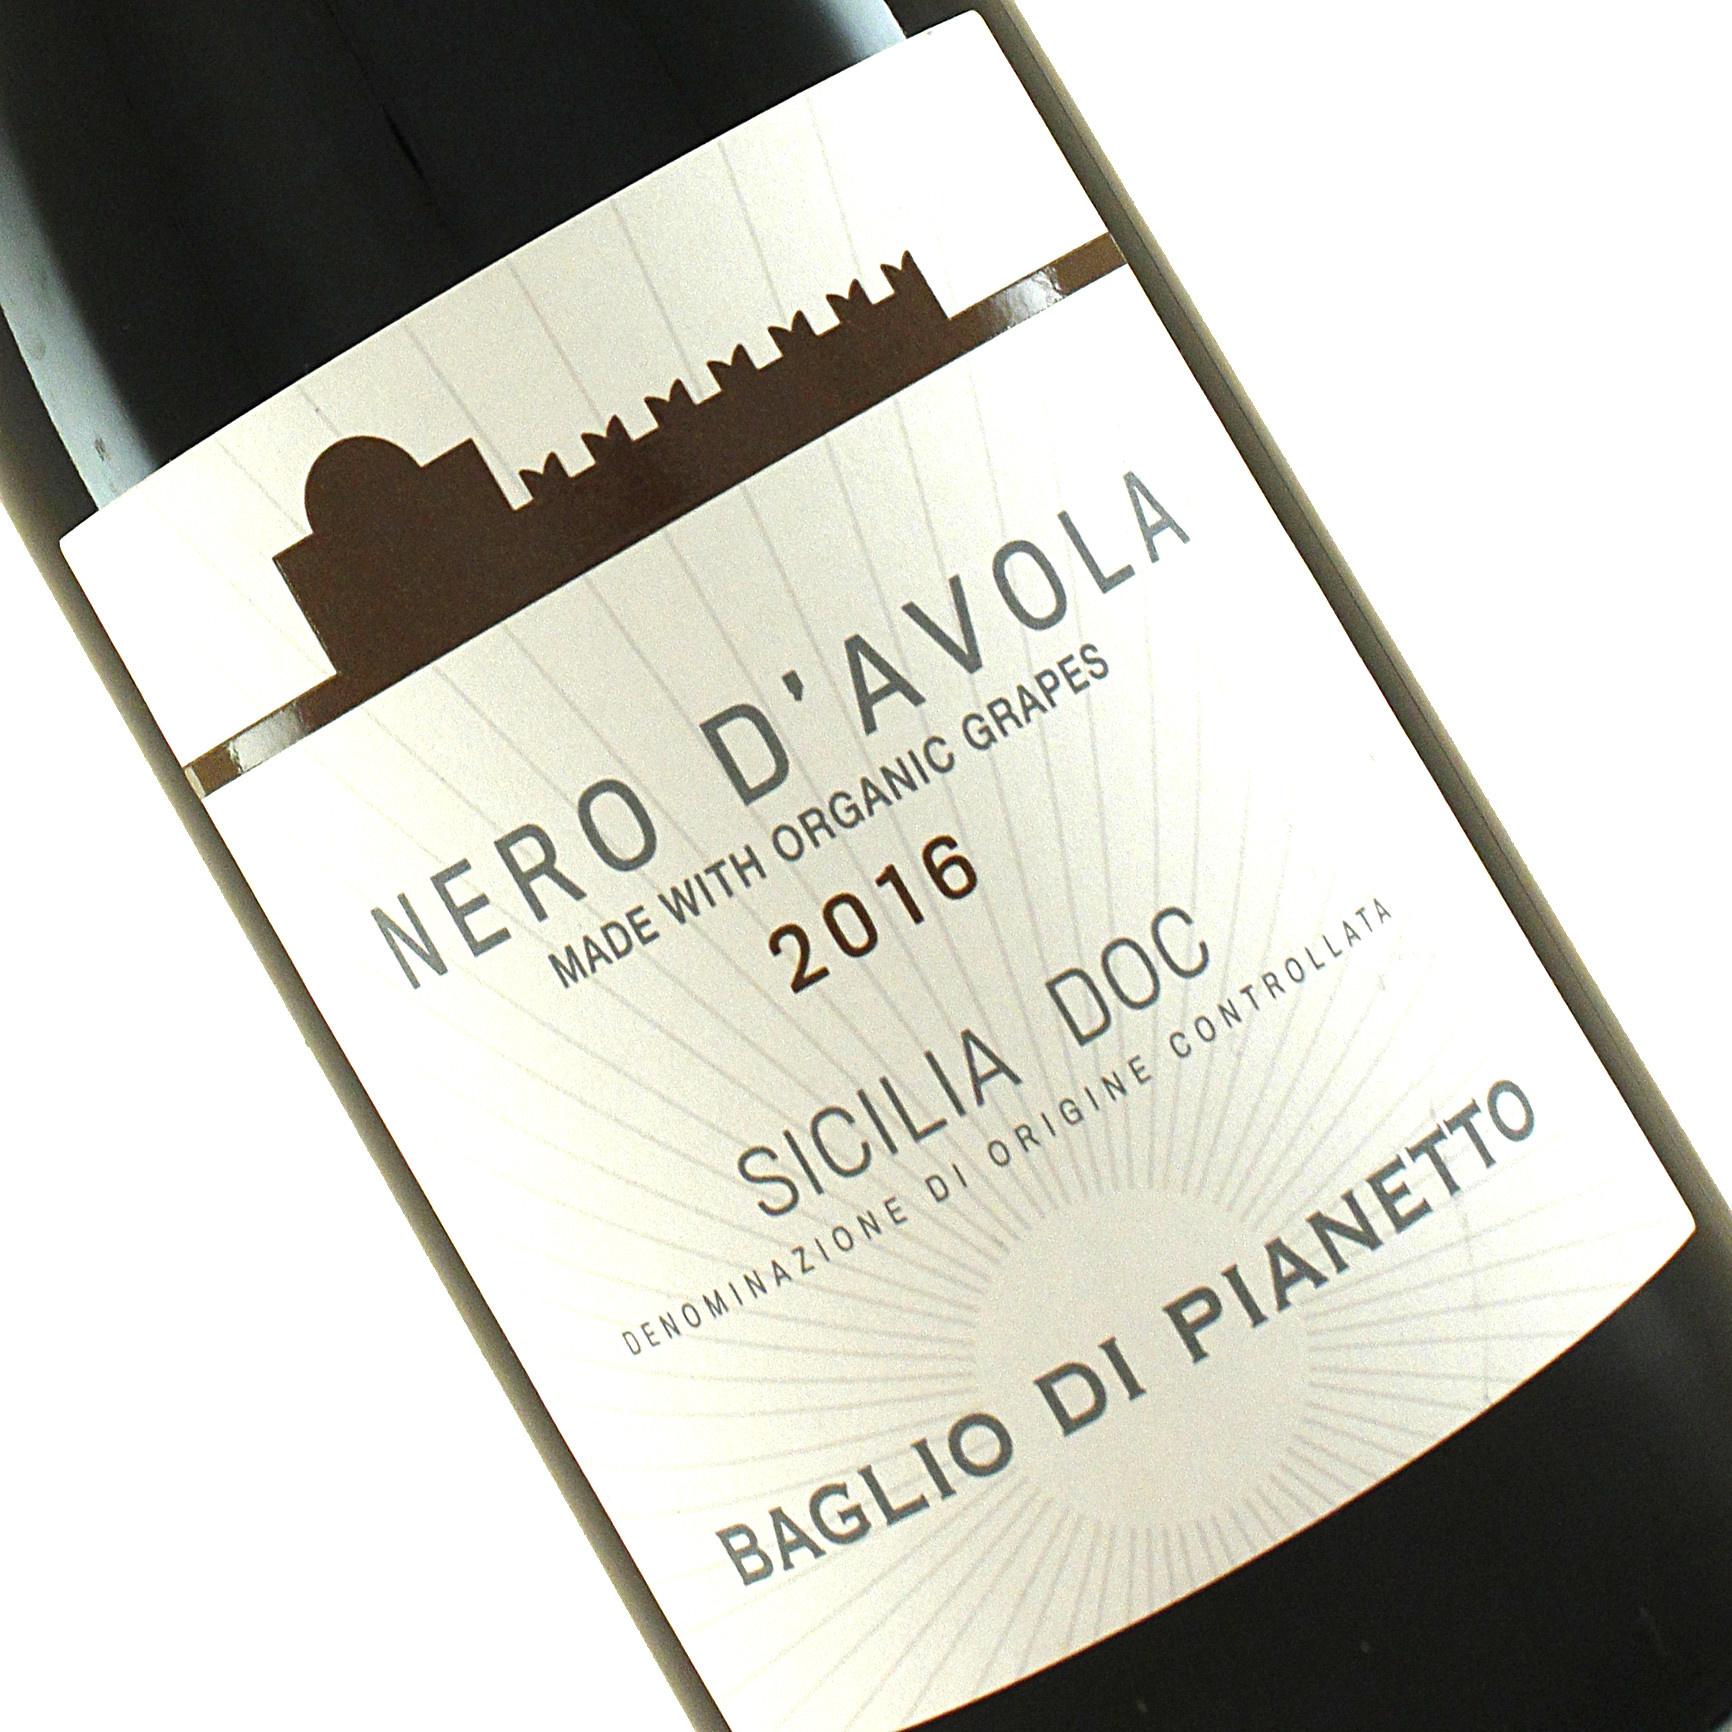 Baglio di Pianetto 2016 Nero D'Avola, Sicily